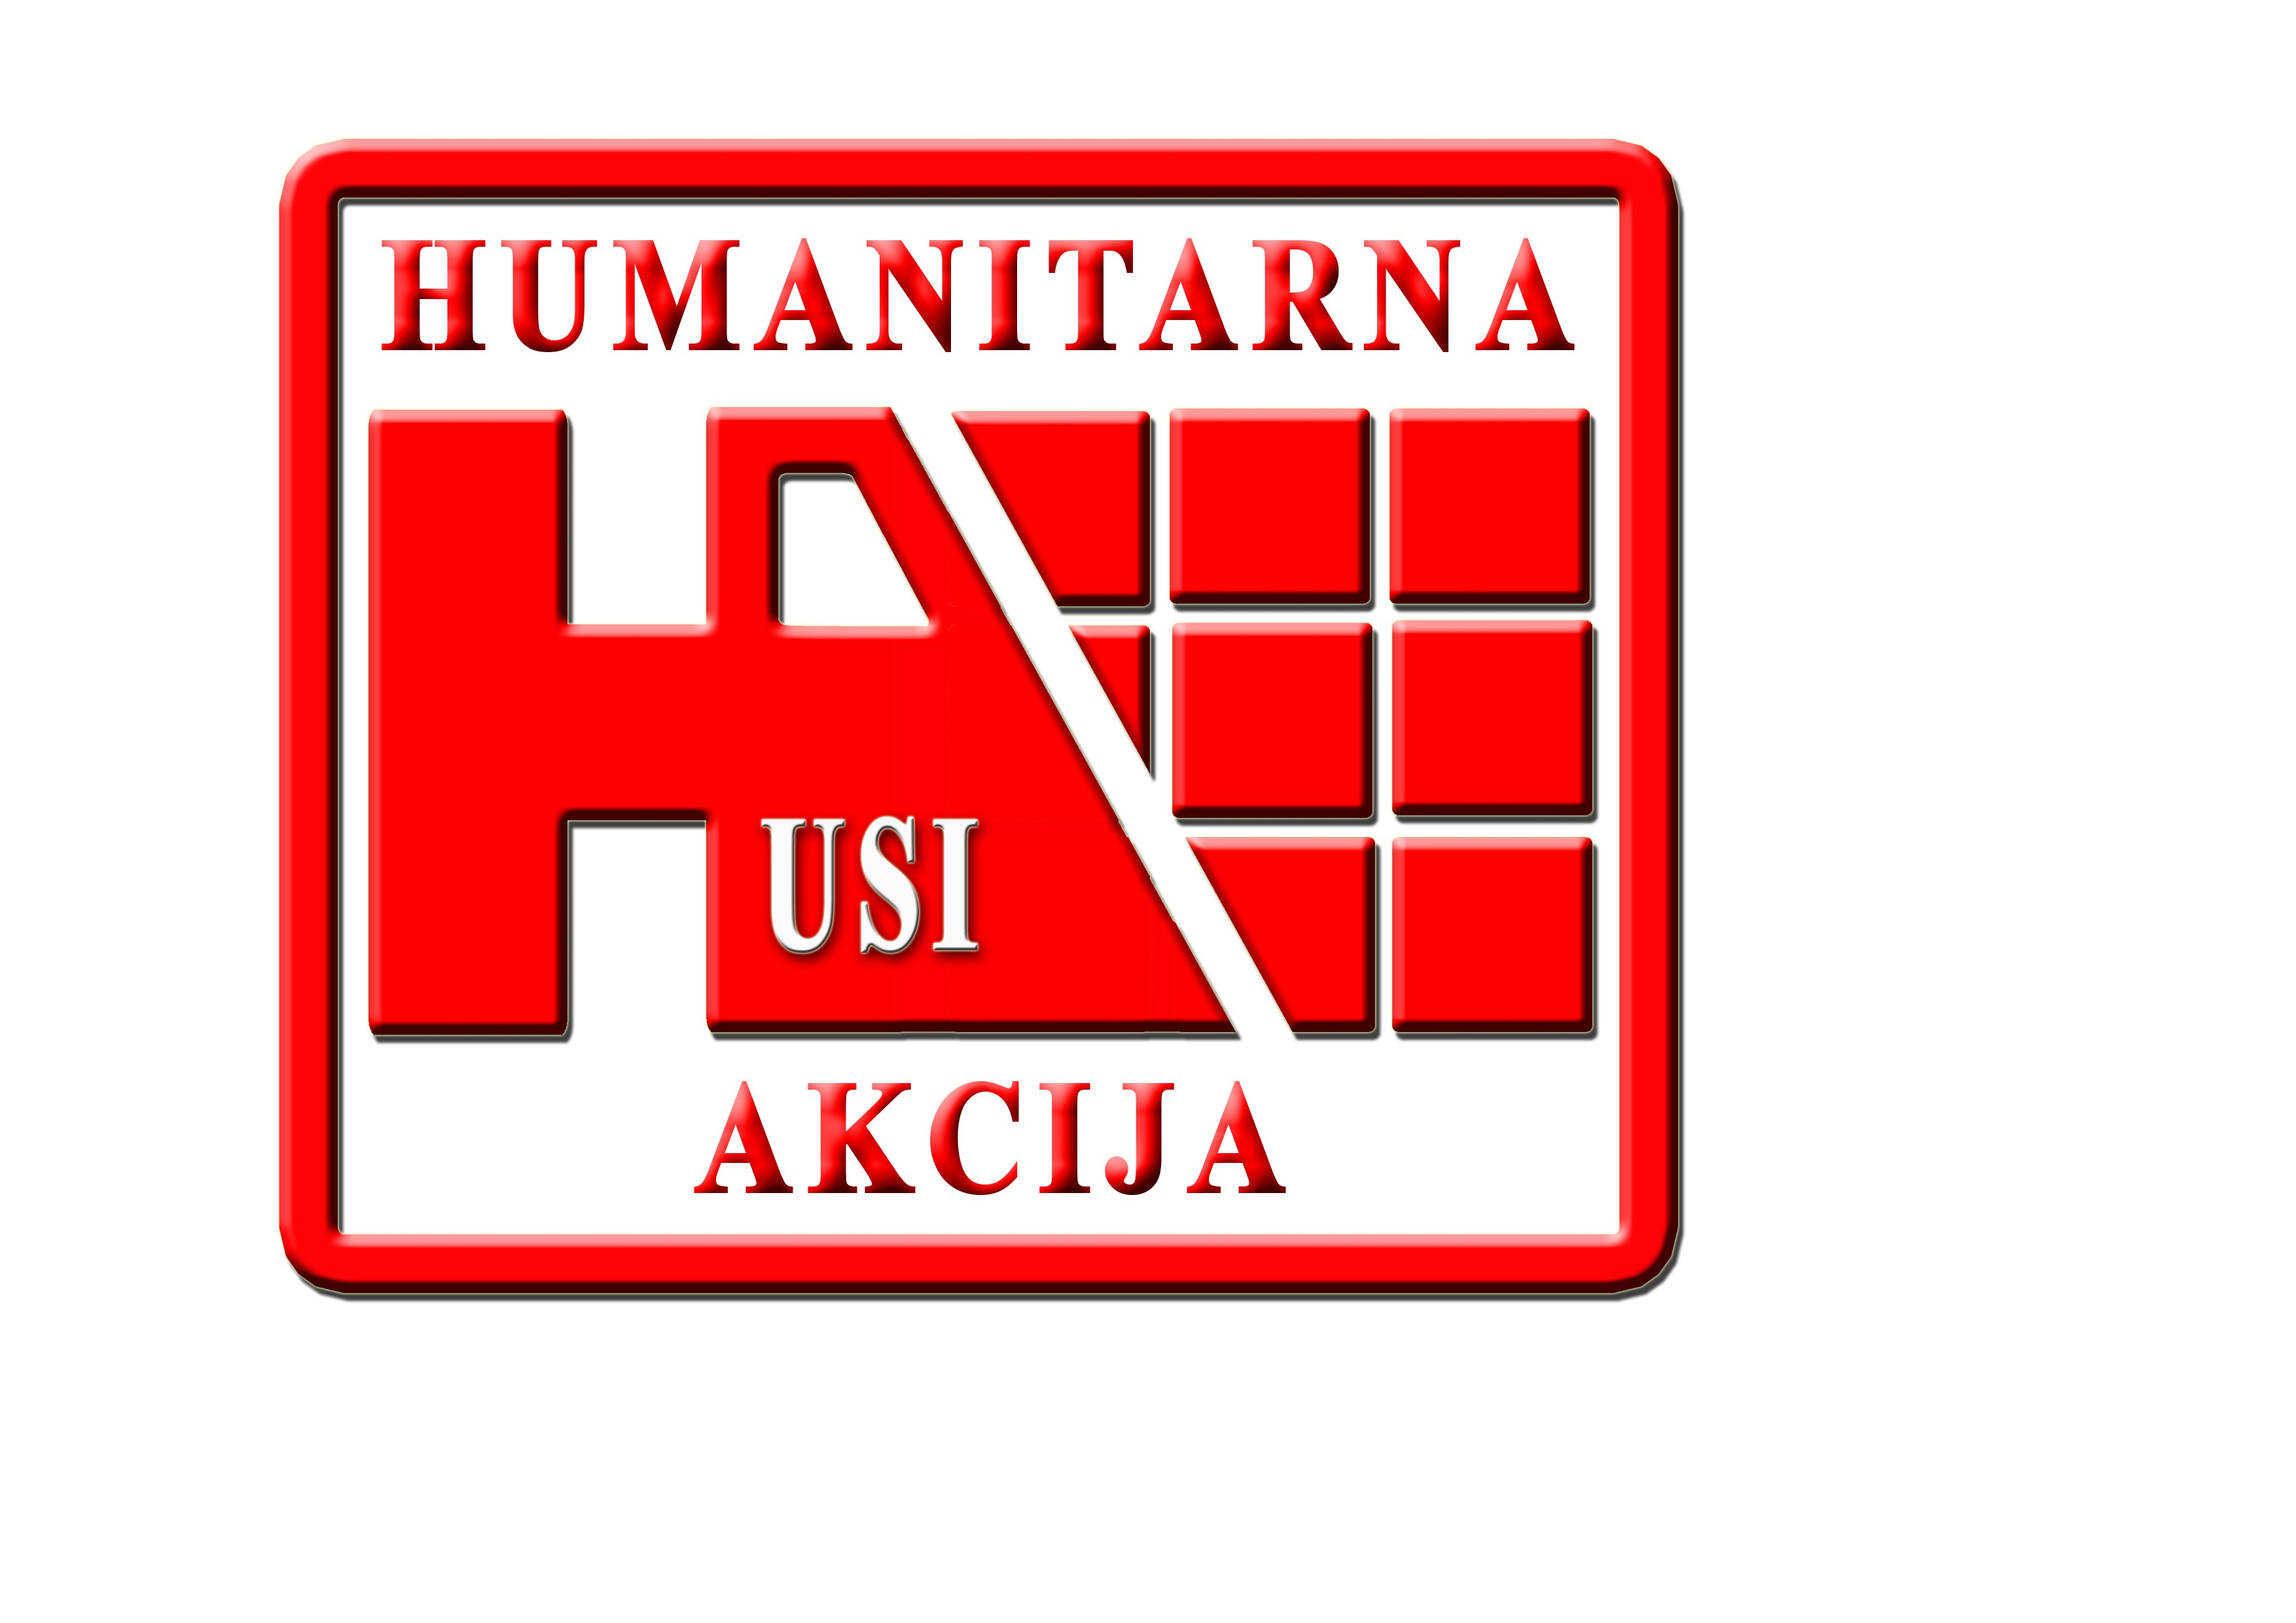 http://www.novigrad.hr/azione_umanitaria_dellassociazione_cittanova_sana